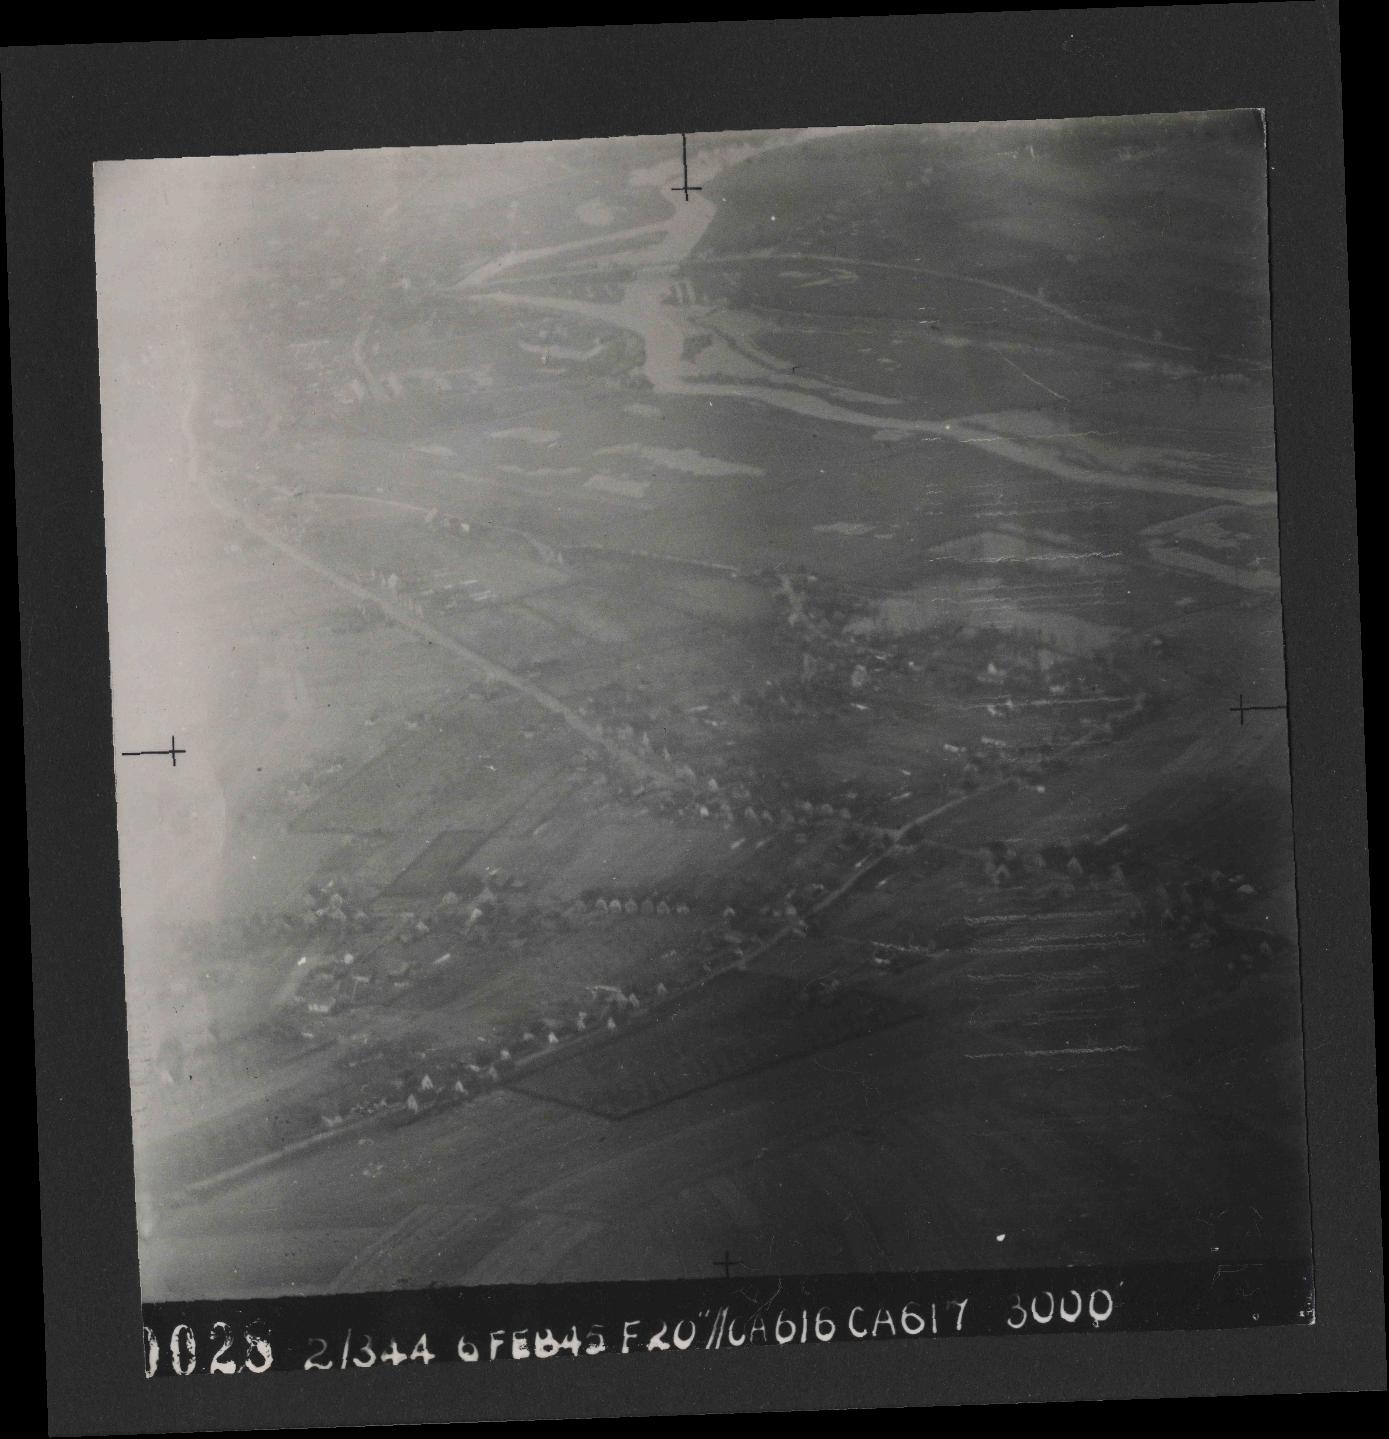 Collection RAF aerial photos 1940-1945 - flight 532, run 01, photo 0028